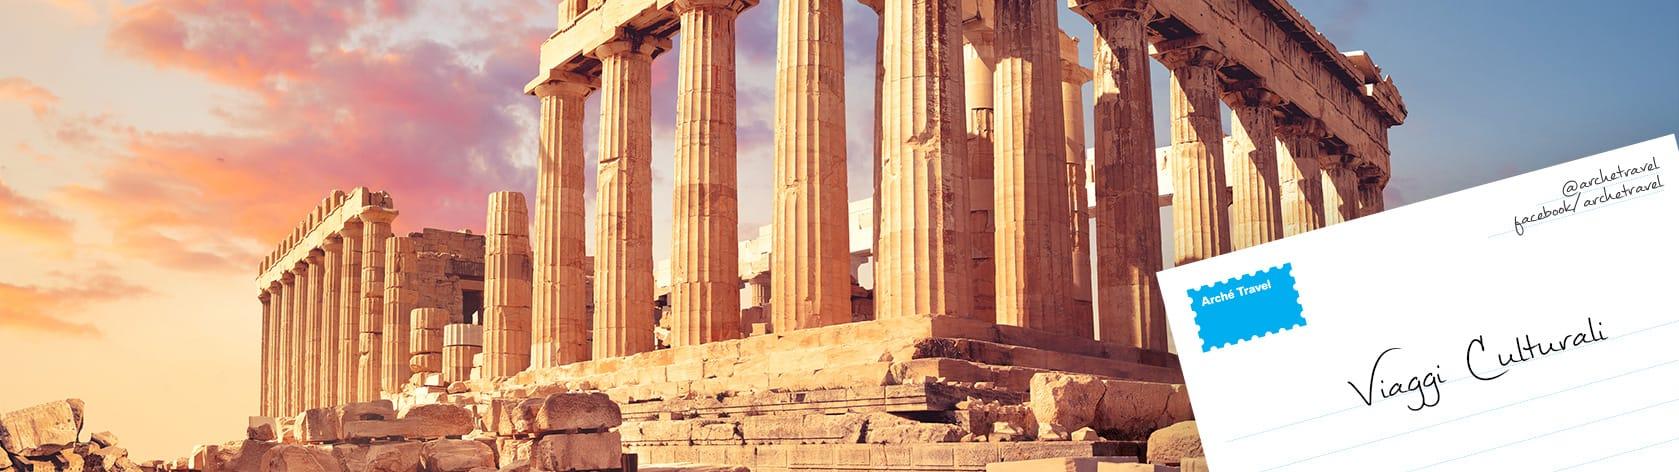 Viaggi Culturali - Turismo Culturale - Arché Travel - Tour Operator